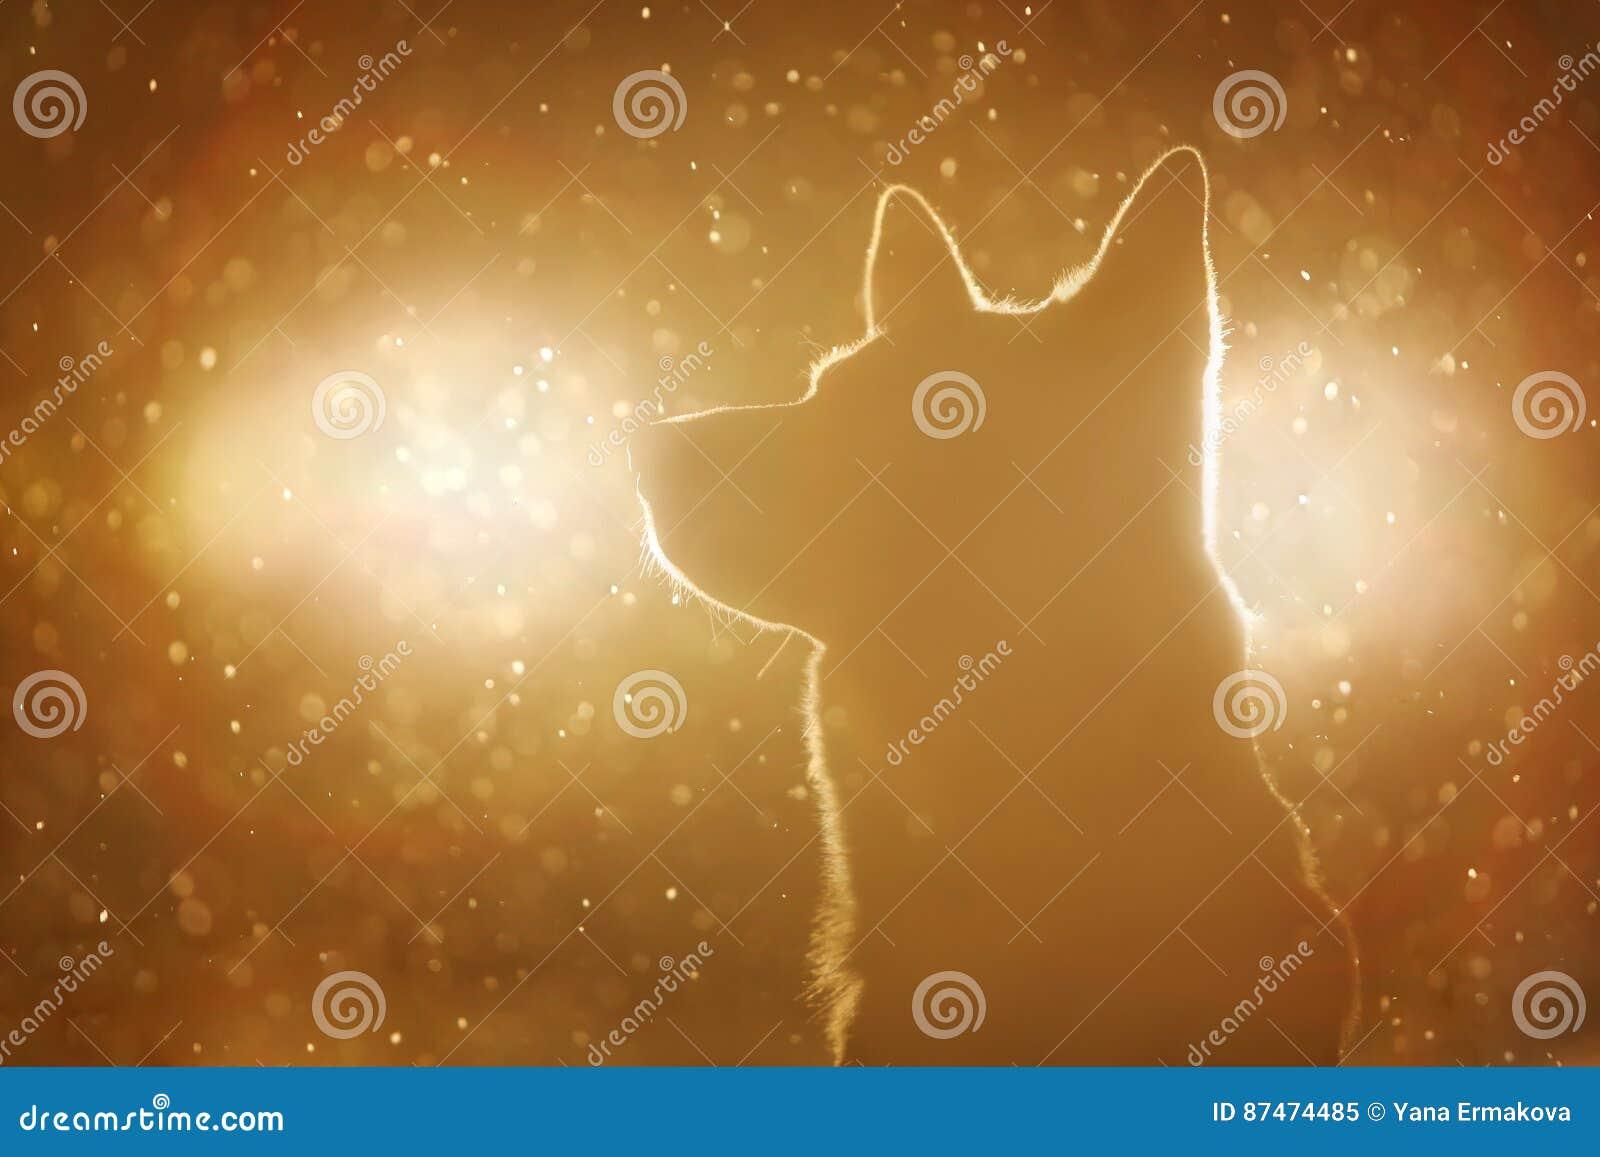 Σκιαγραφία σκυλιών στους προβολείς